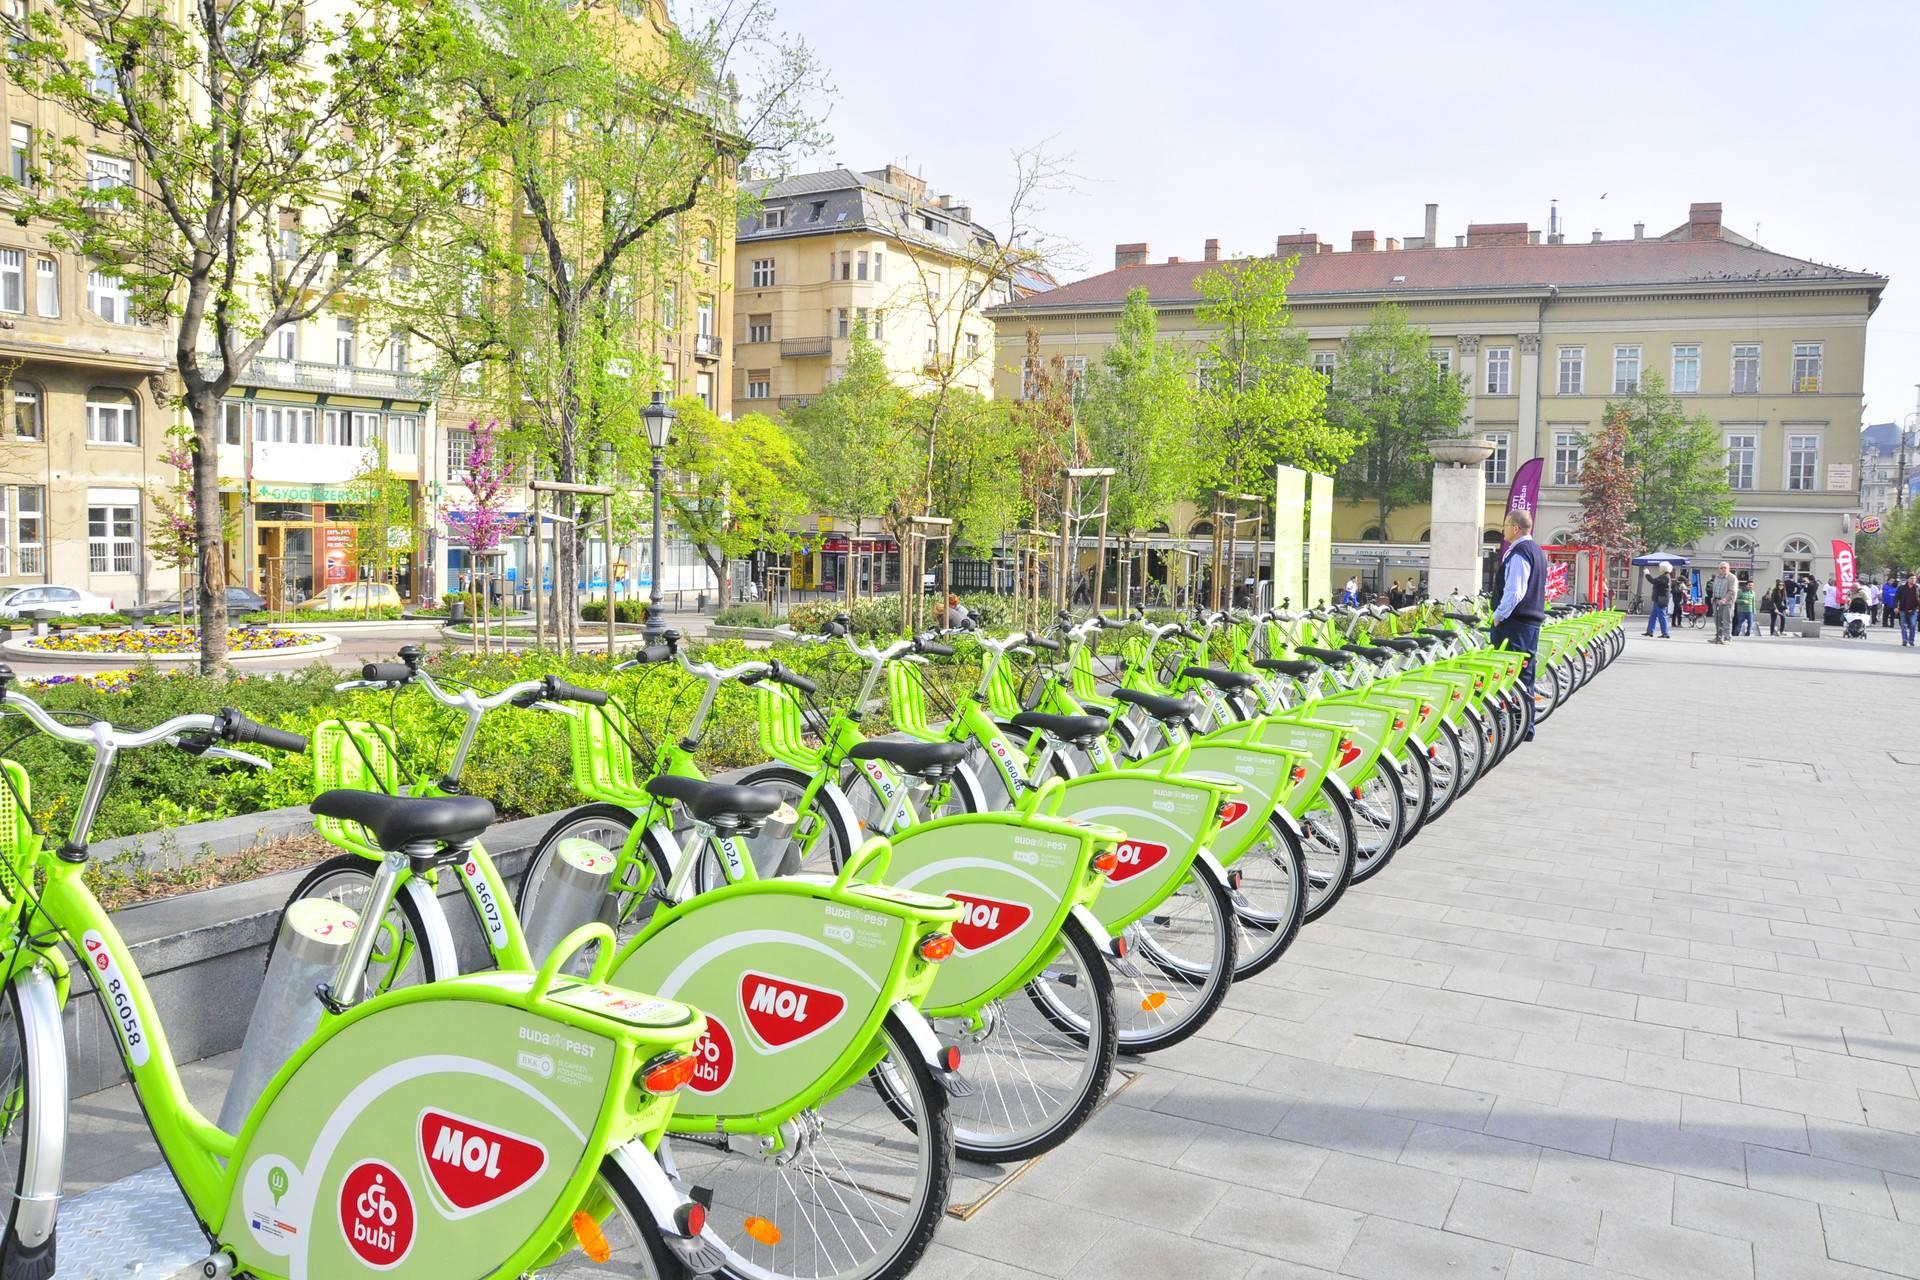 Proljetno putovanje: vrijeme je za put u Budimpeštu